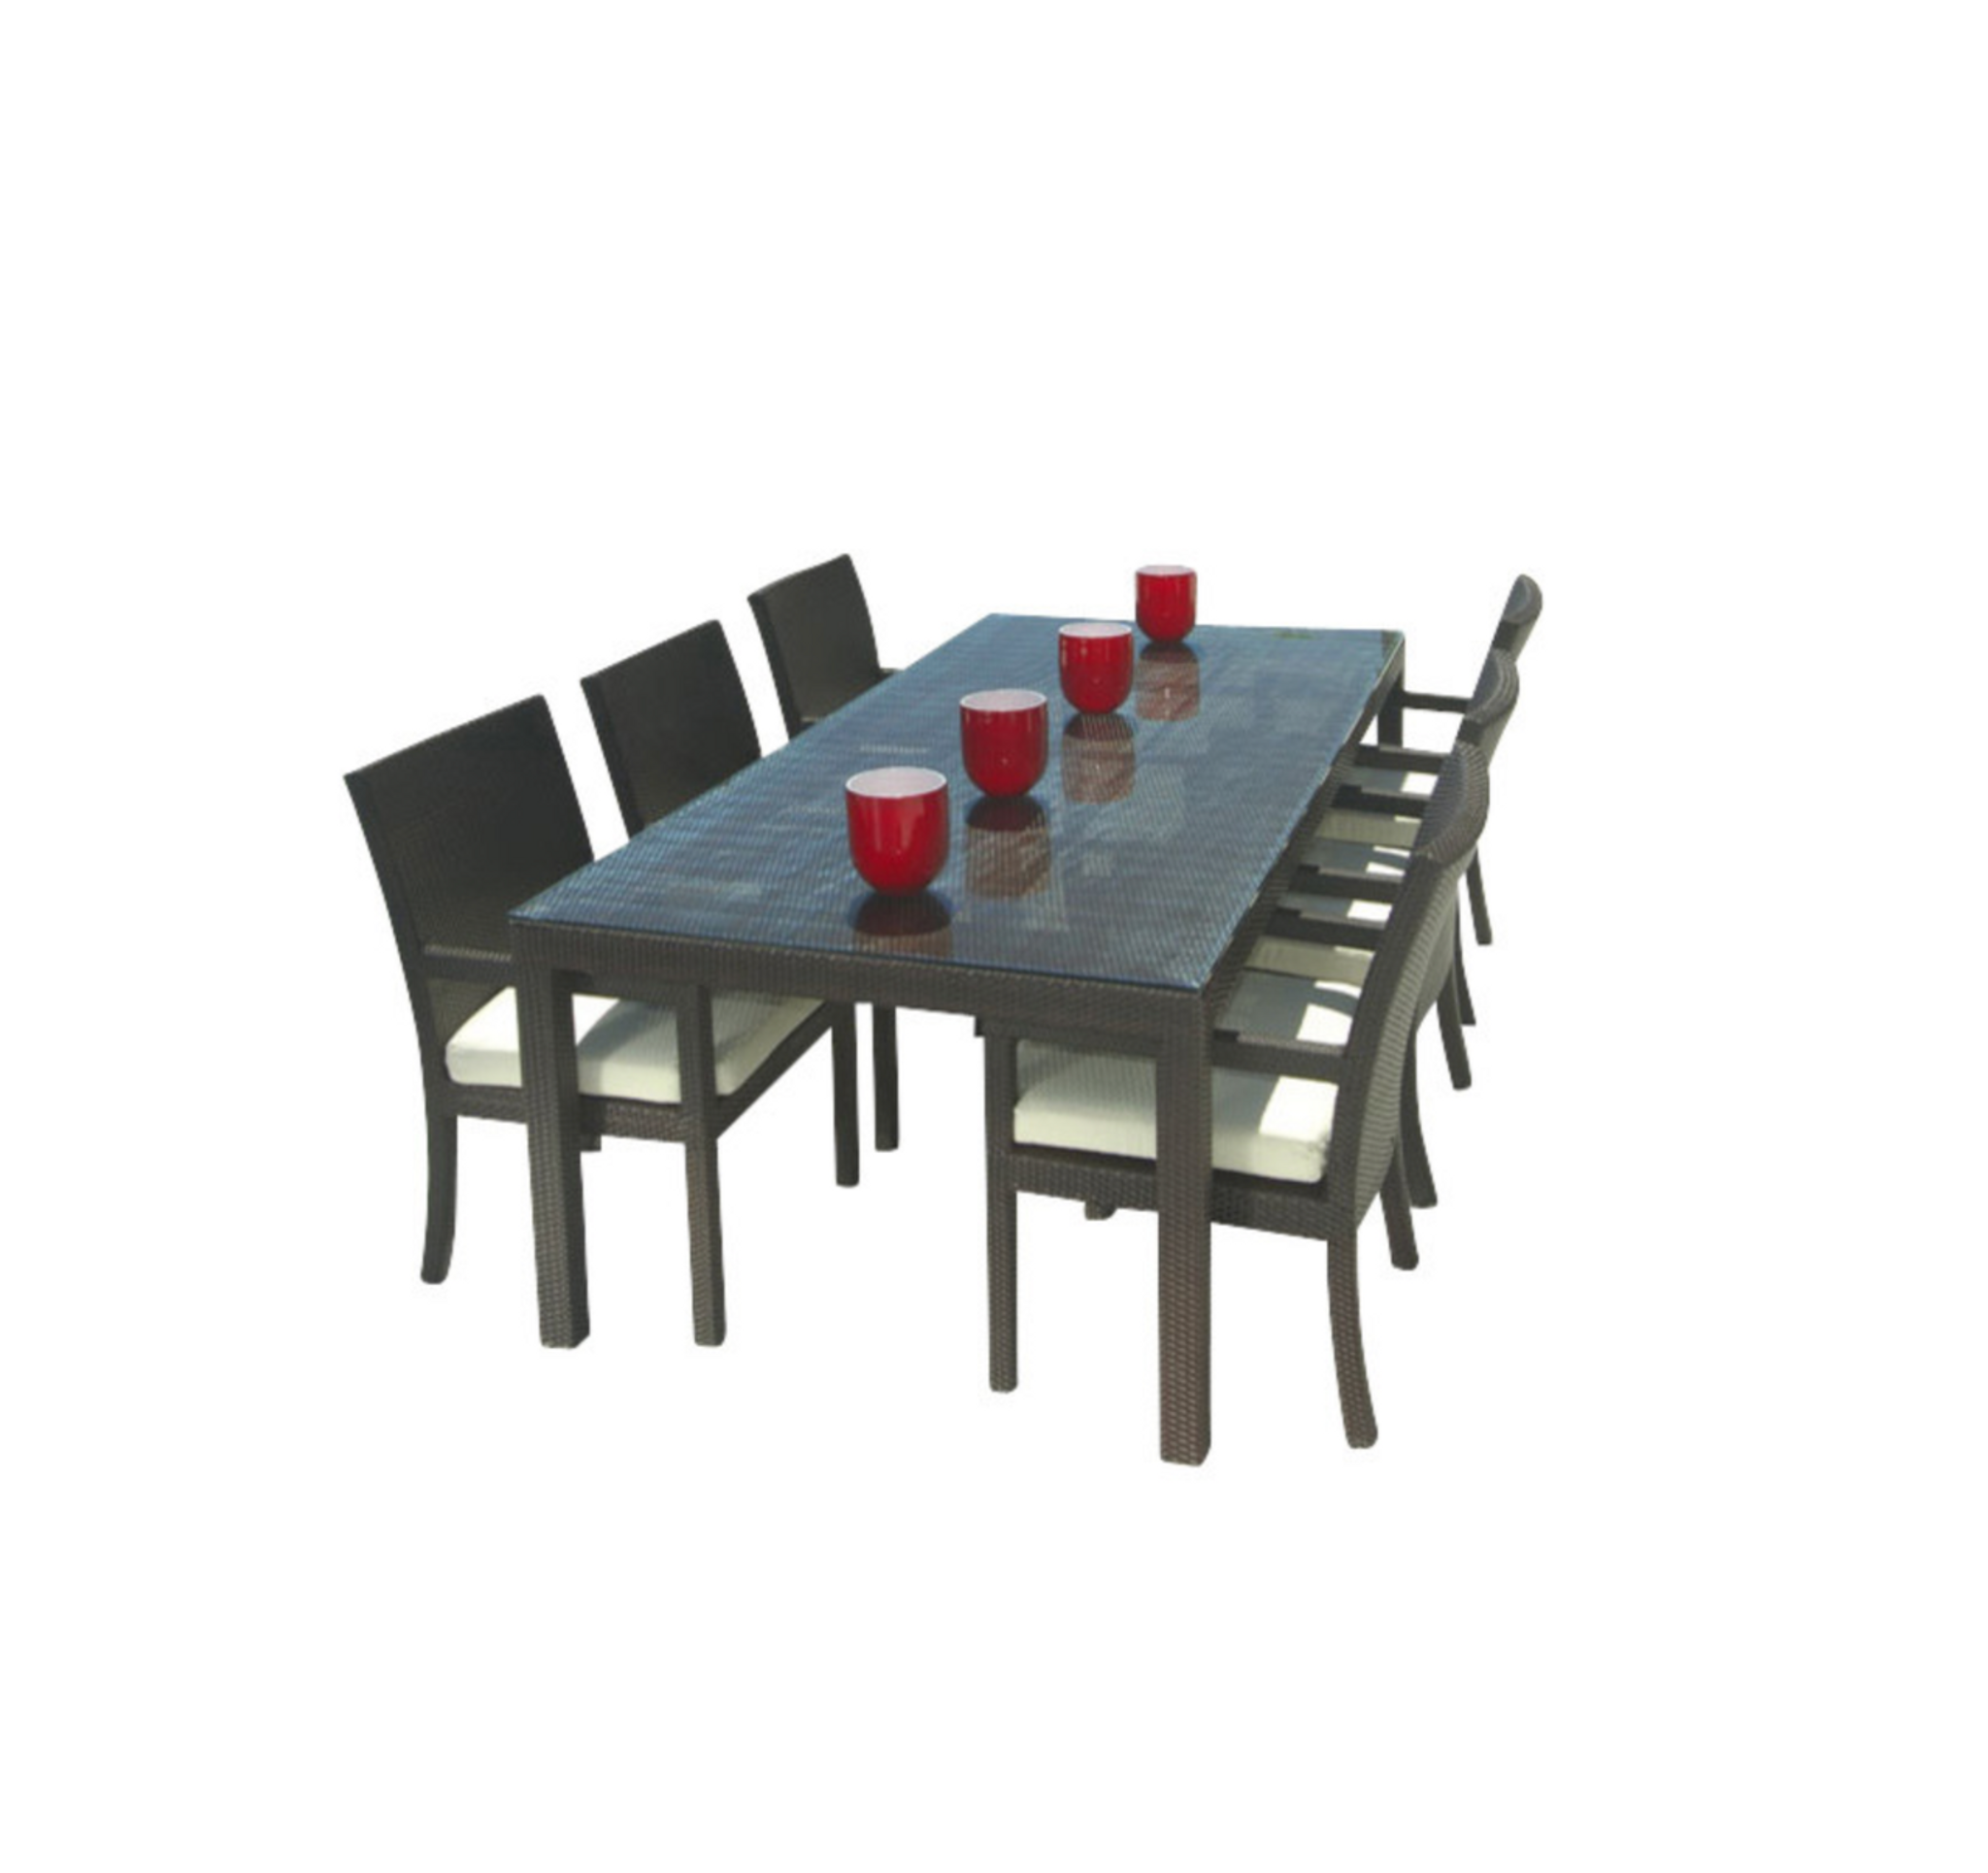 Outstanding Cozumel 7 Piece Dining Set Inzonedesignstudio Interior Chair Design Inzonedesignstudiocom